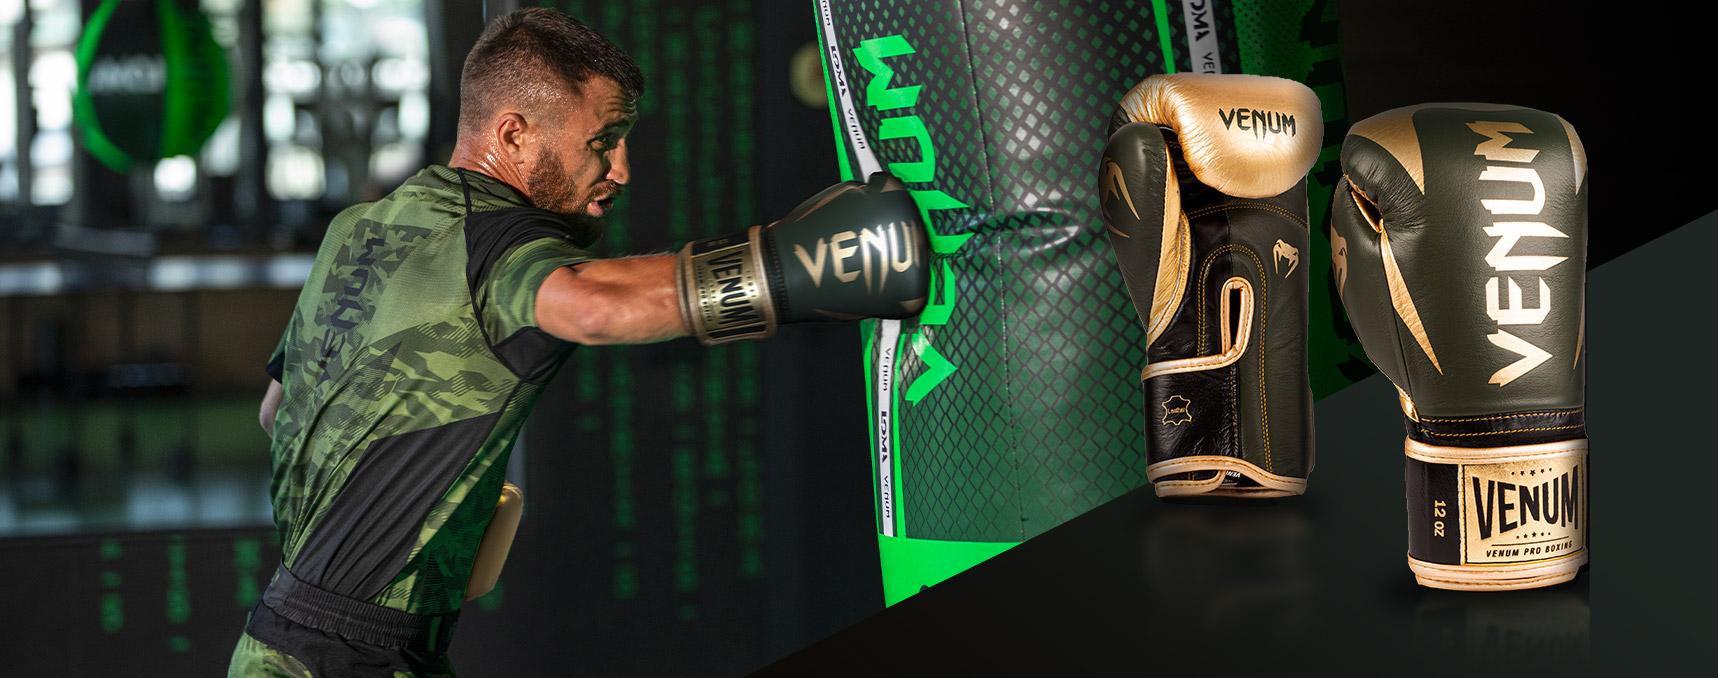 Venum UFC Fight Week